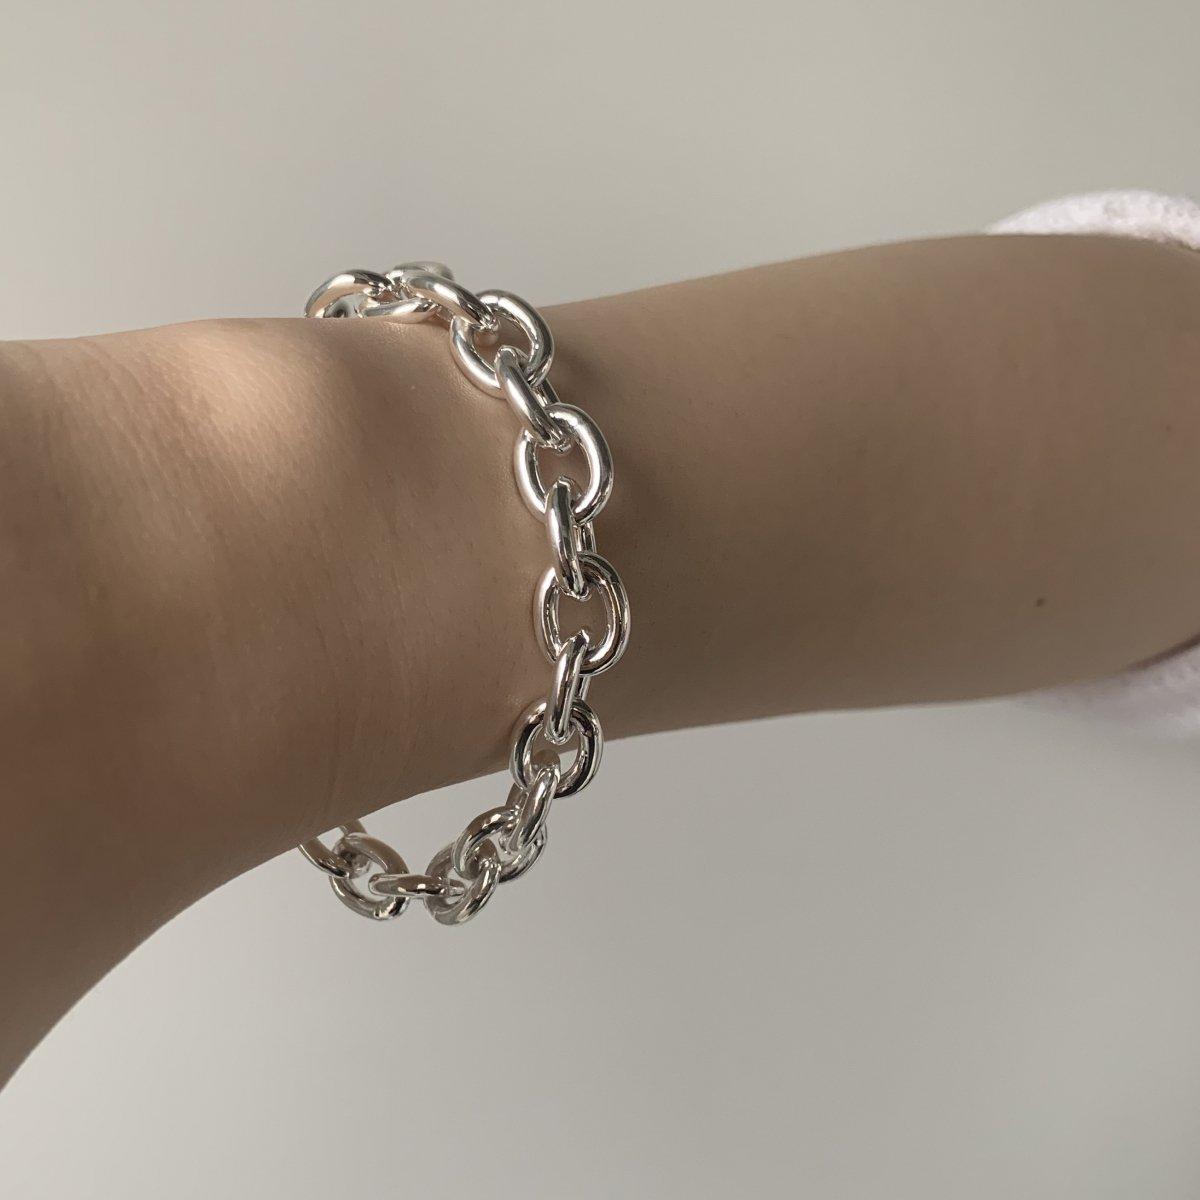 vo chain bracelet S ladies